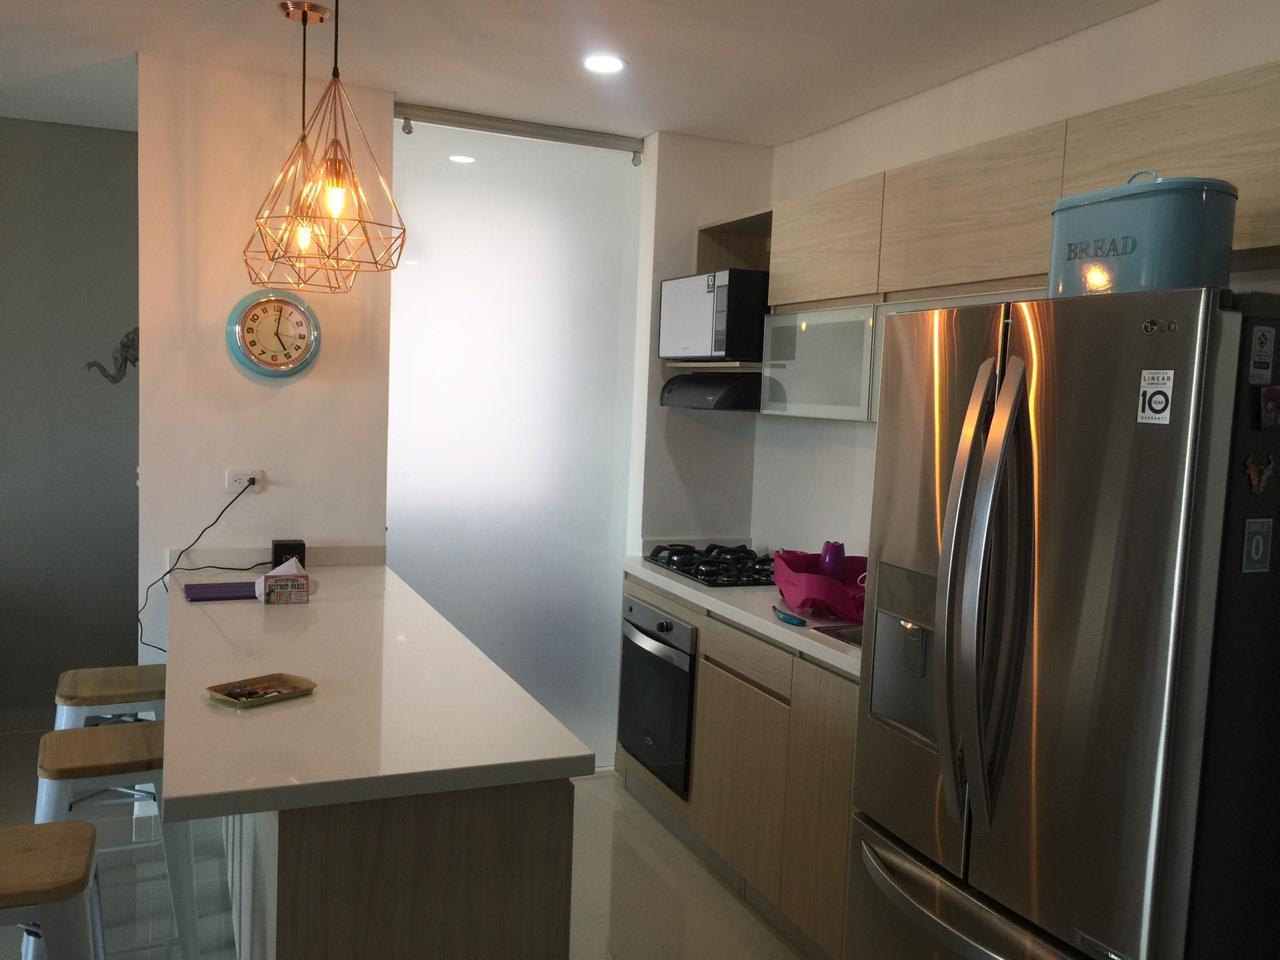 97636 - Hermoso apartamento en venta en La Castellana